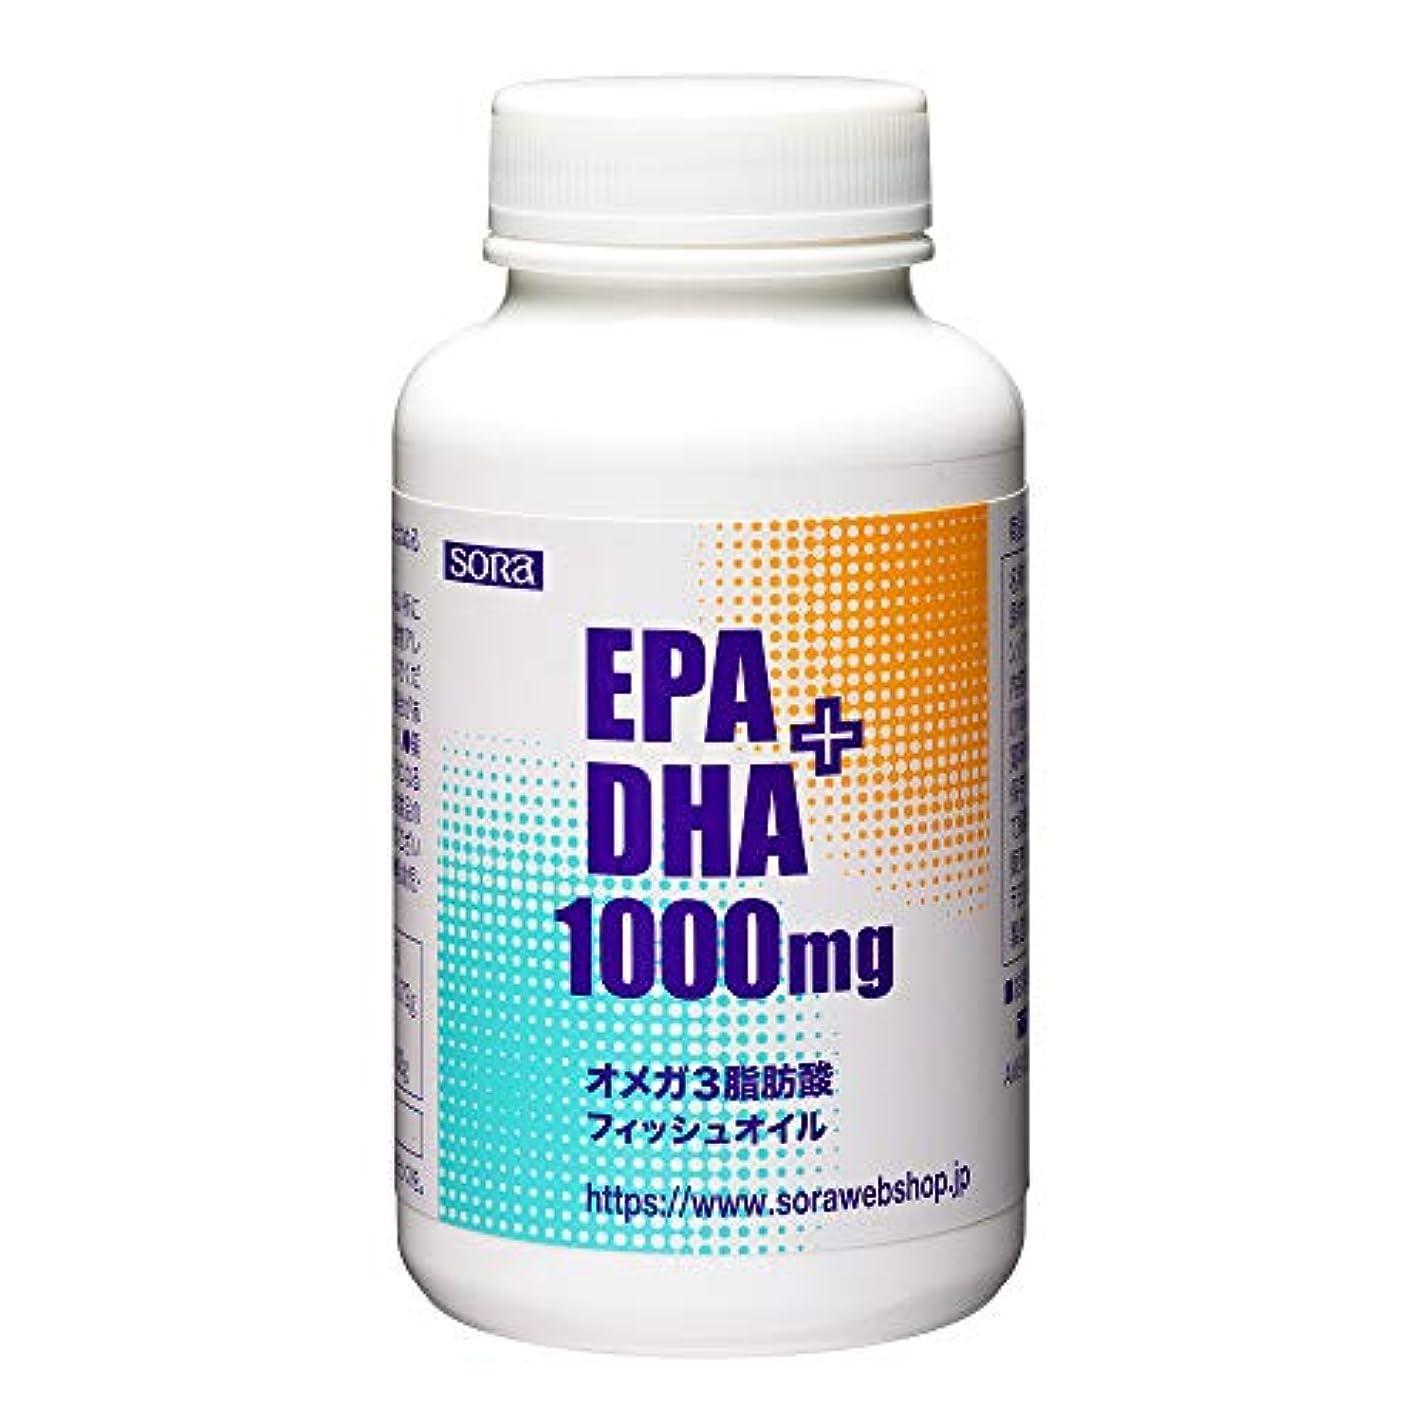 ペッカディロ似ている折るそら EPA+DHA 1000mg (魚のオイル オメガ3 180粒入)